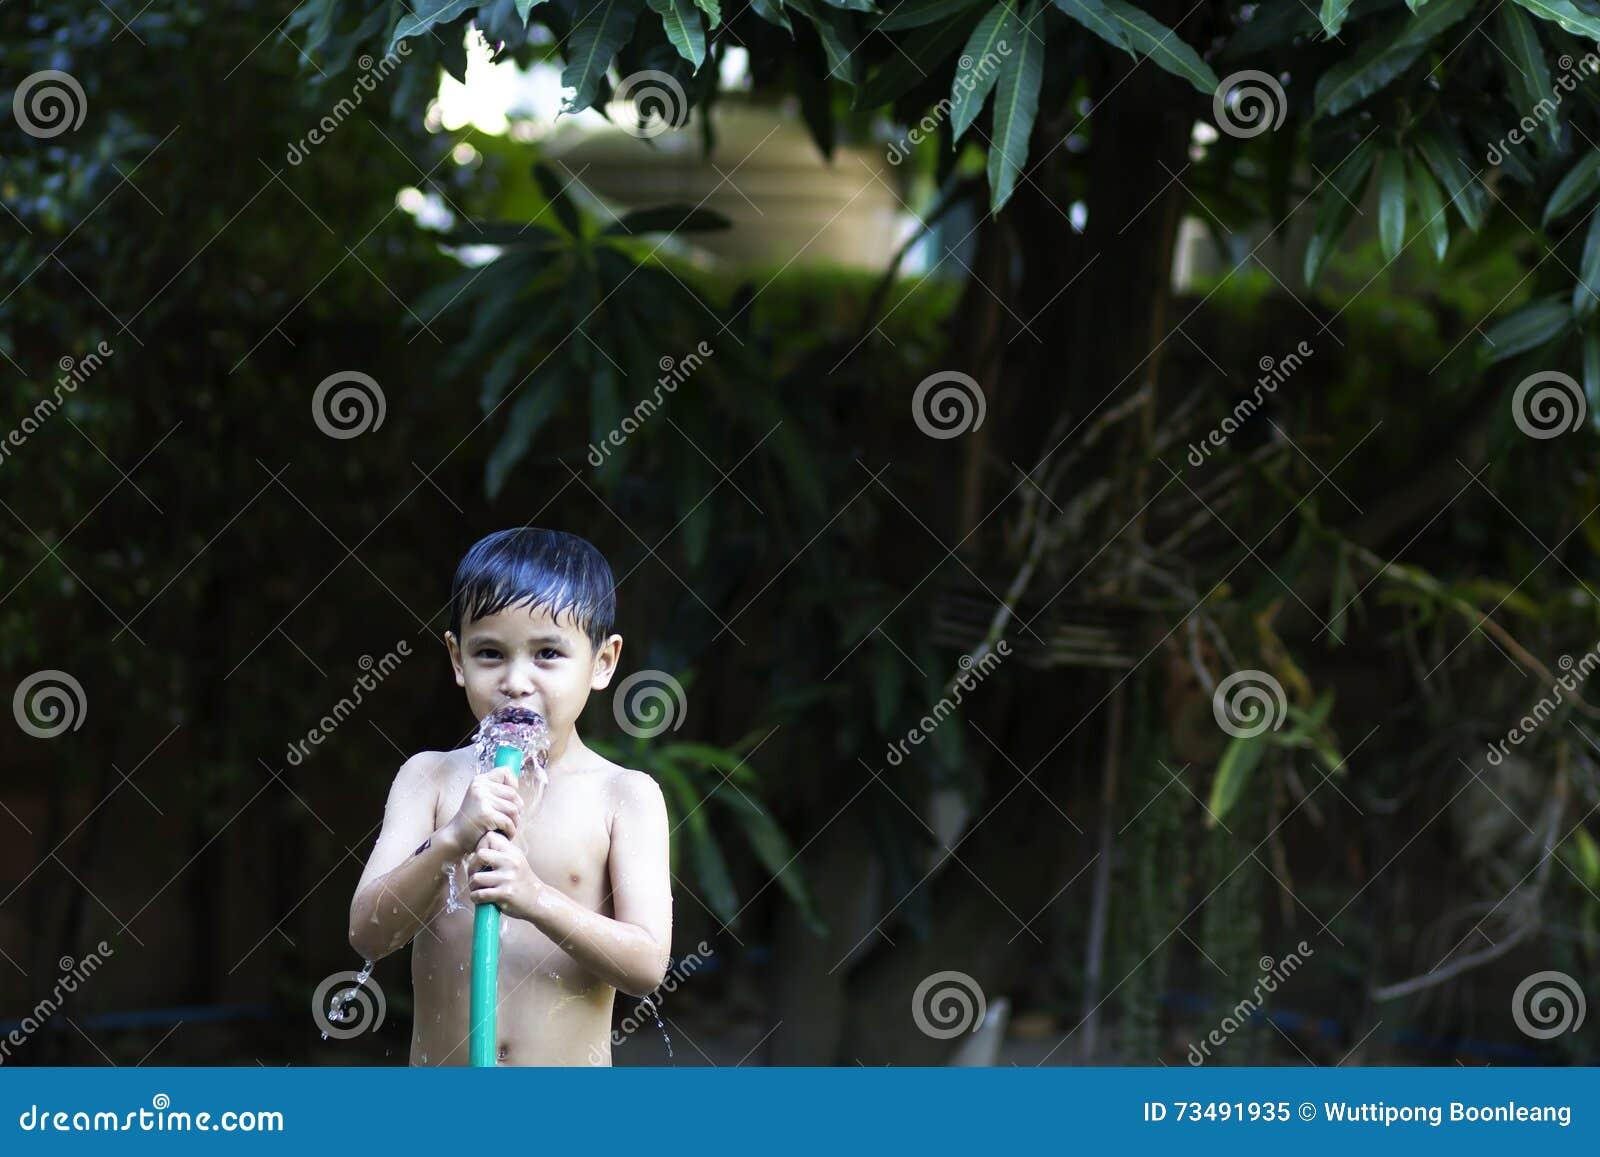 Det pojkar spelade vattnet i trädgården